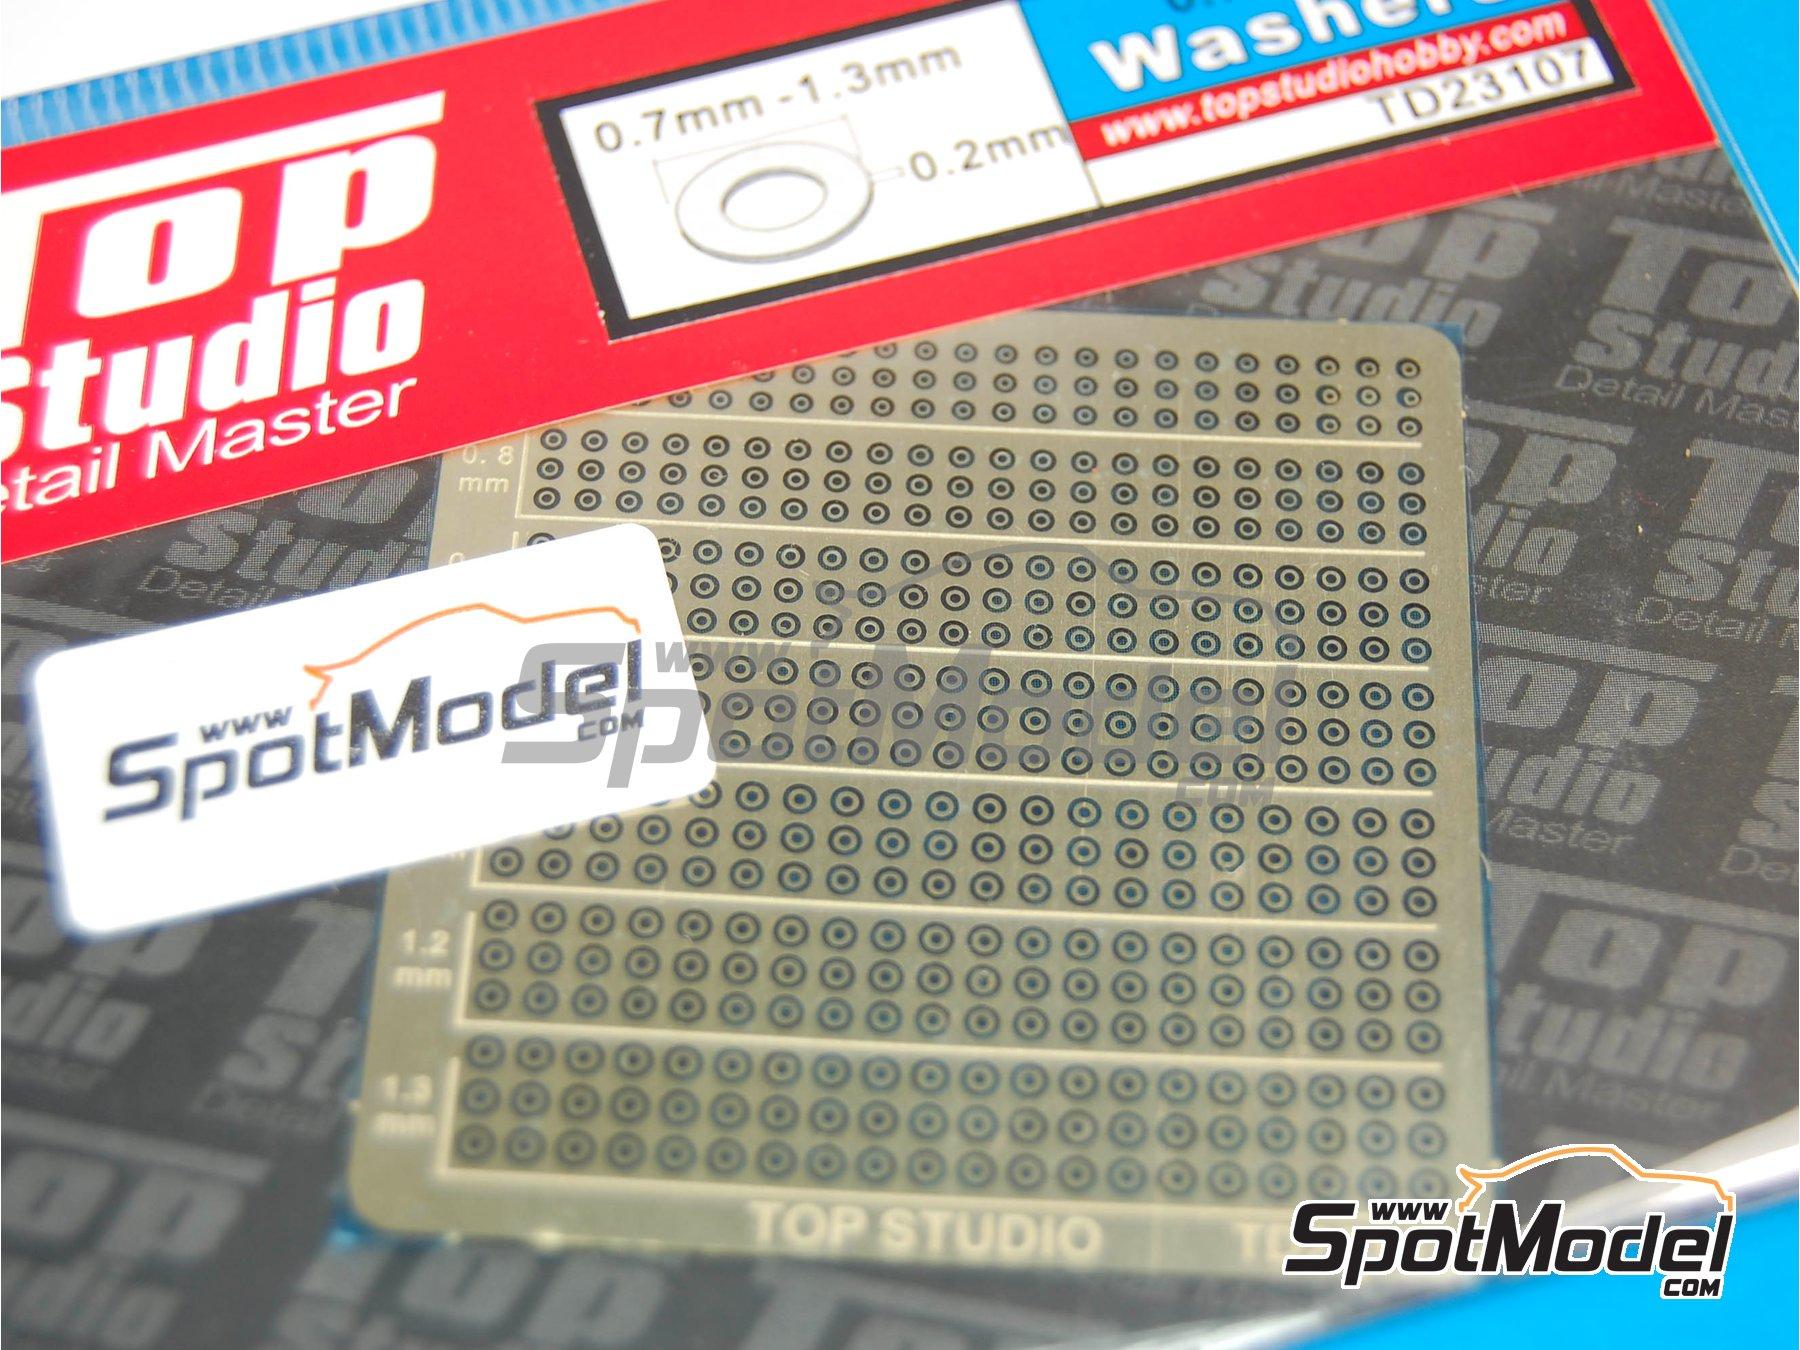 Image 2: Arandelas de 0.7mm a 1.3mm | Detalle fabricado por Top Studio (ref.TD23107)